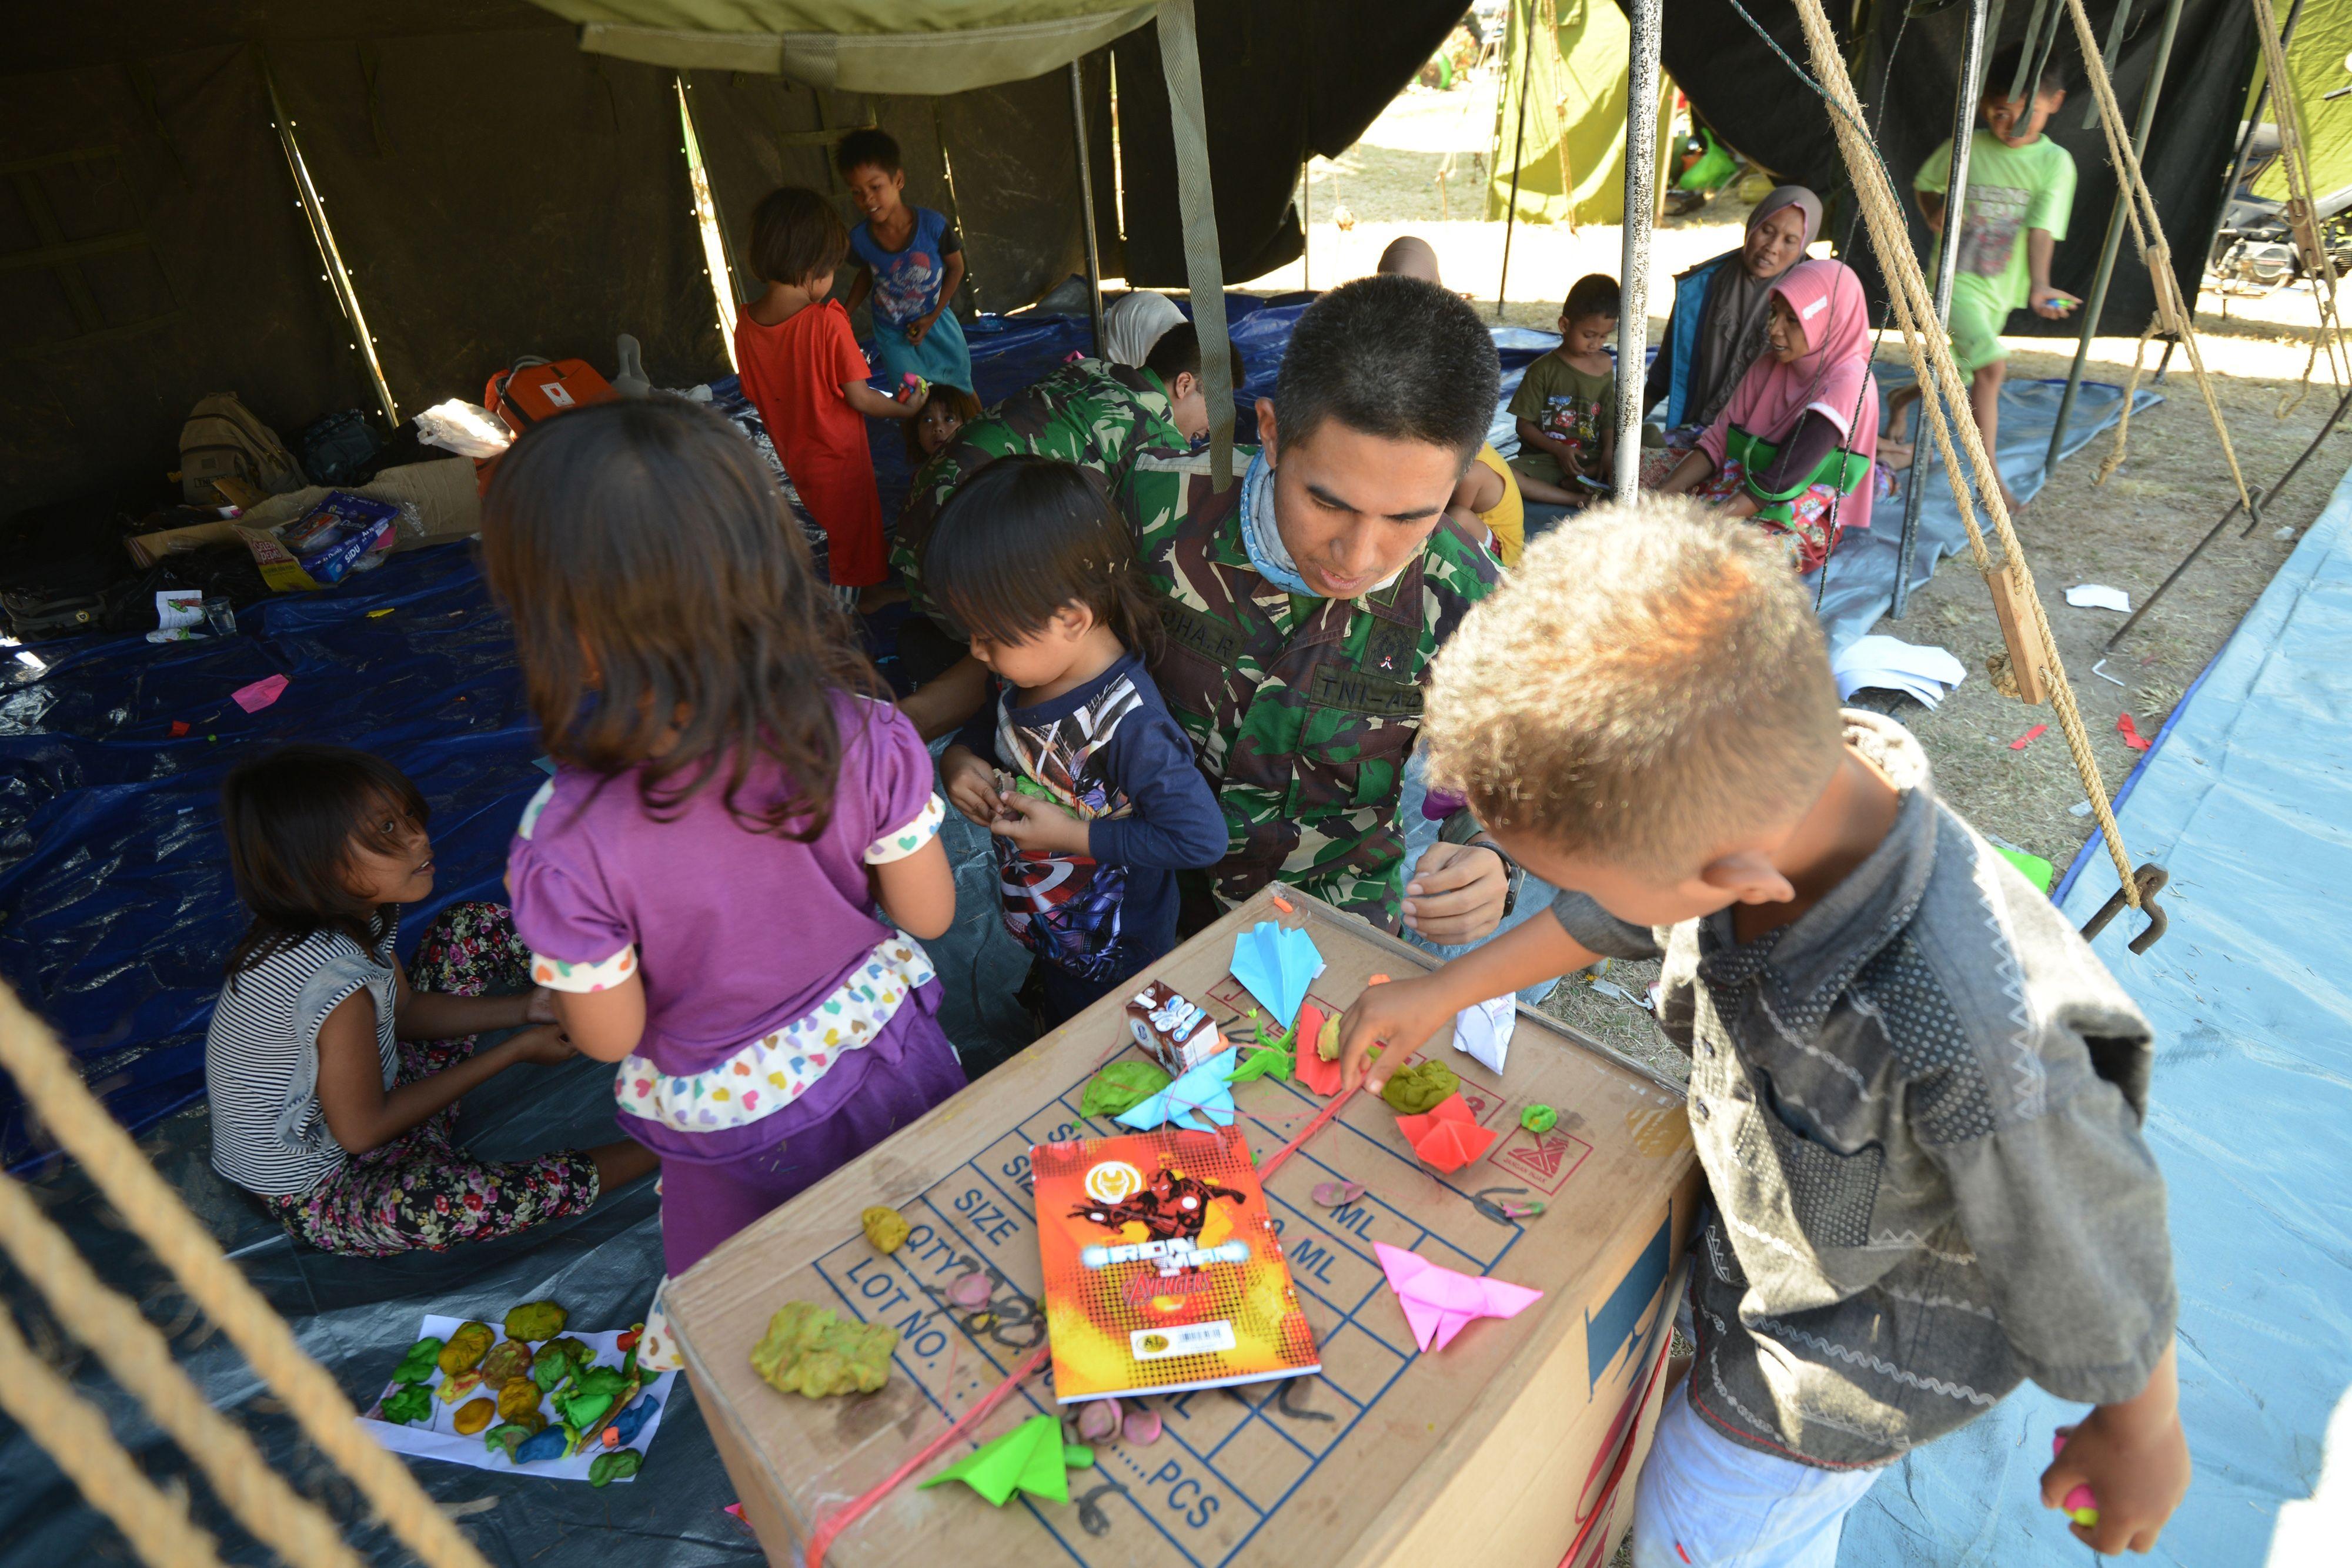 أطفال يلعبون بمشاركة أحد عناصر الإسعاف